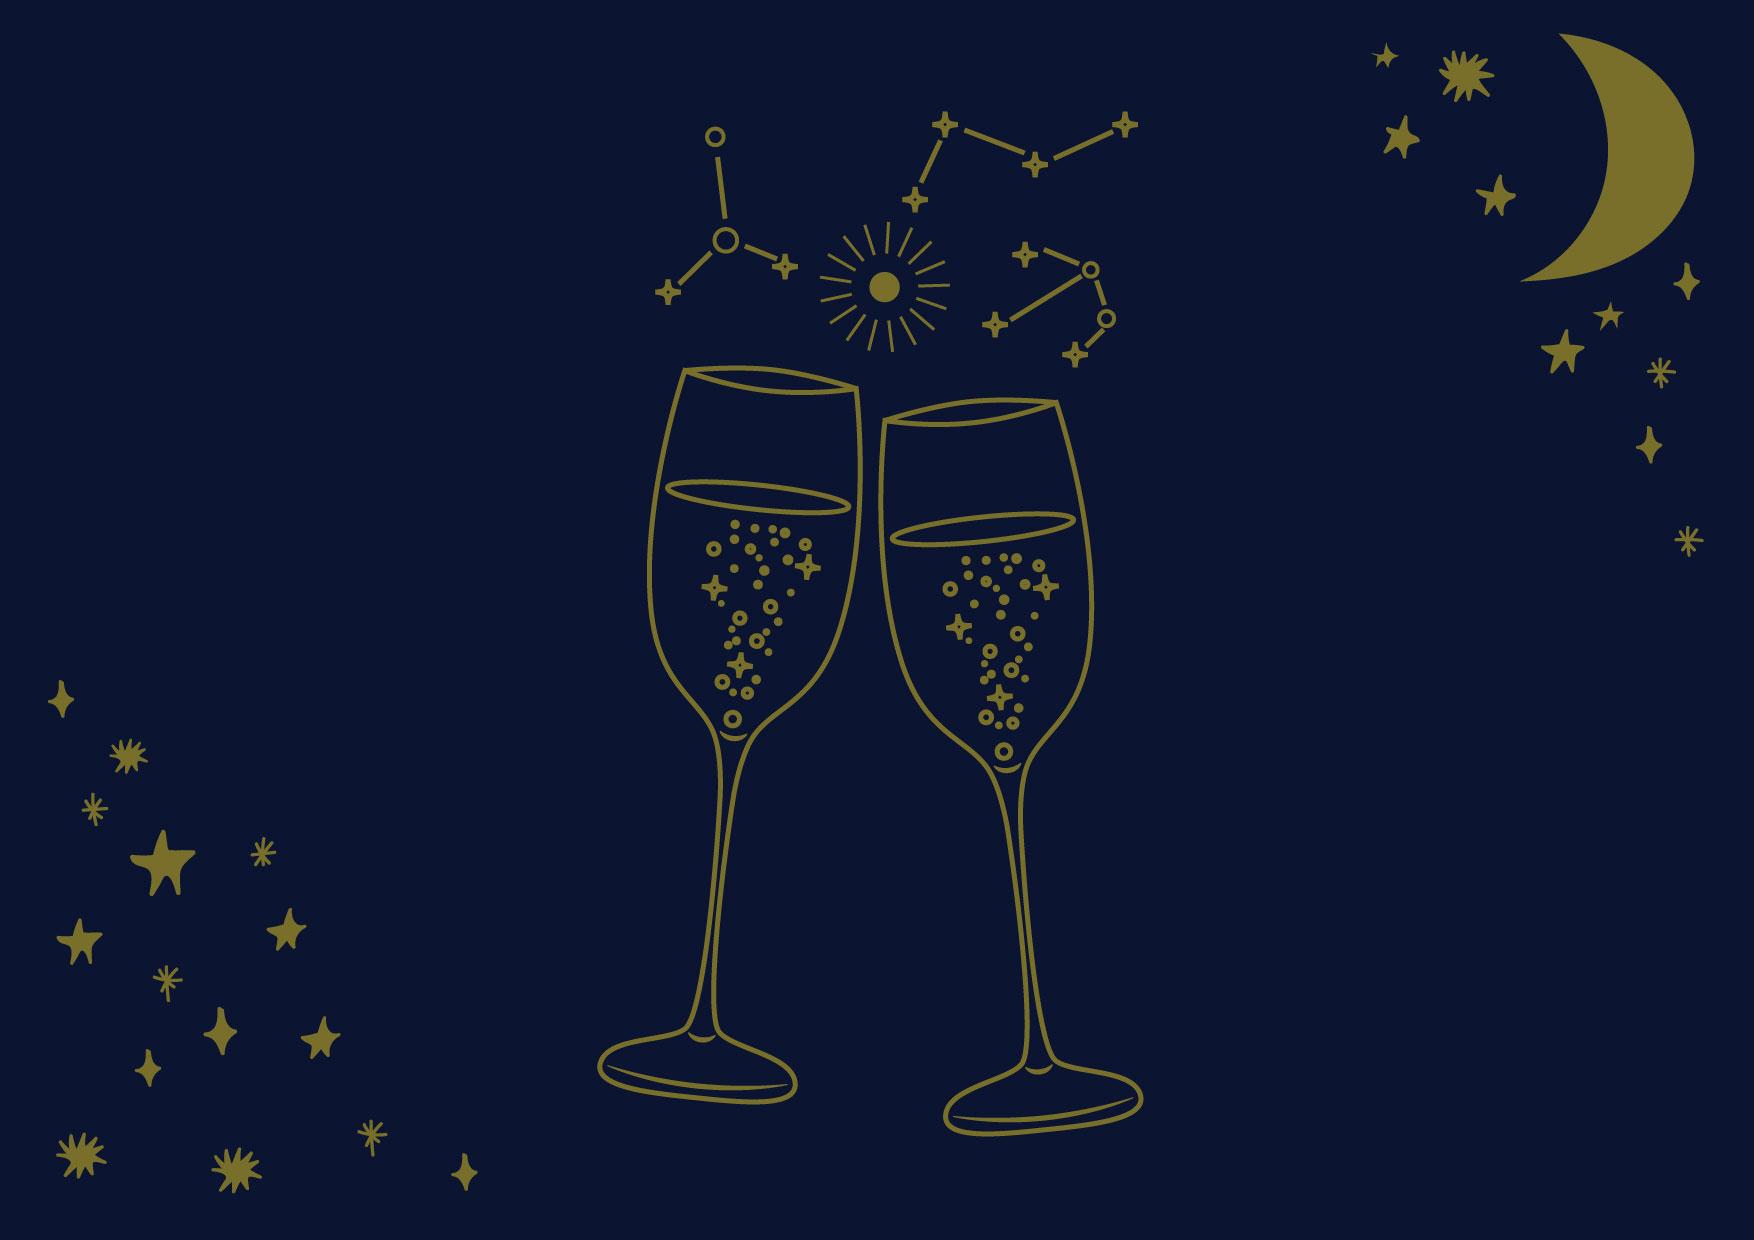 可愛いイラスト無料|星空 シャンパングラス カップル − free illustration Starry sky champagne glass